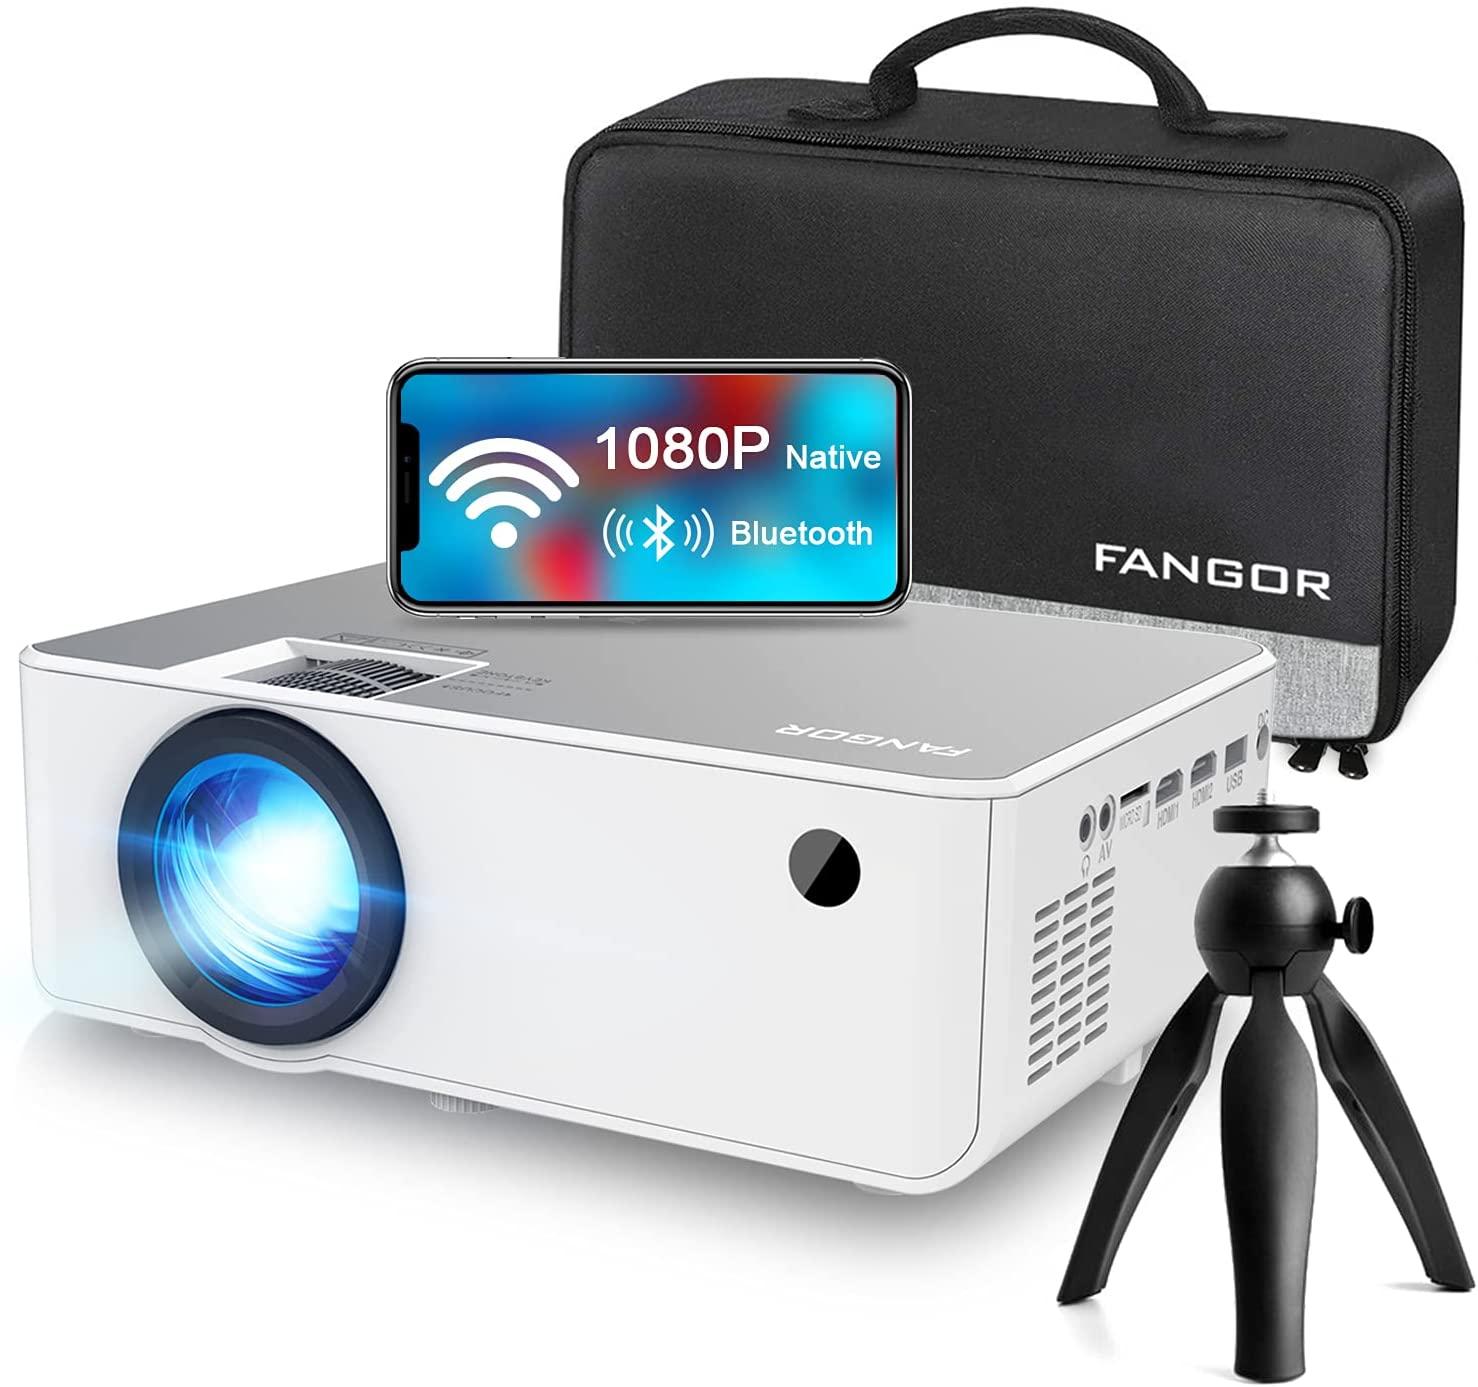 FANGOR 1080P HD Projector